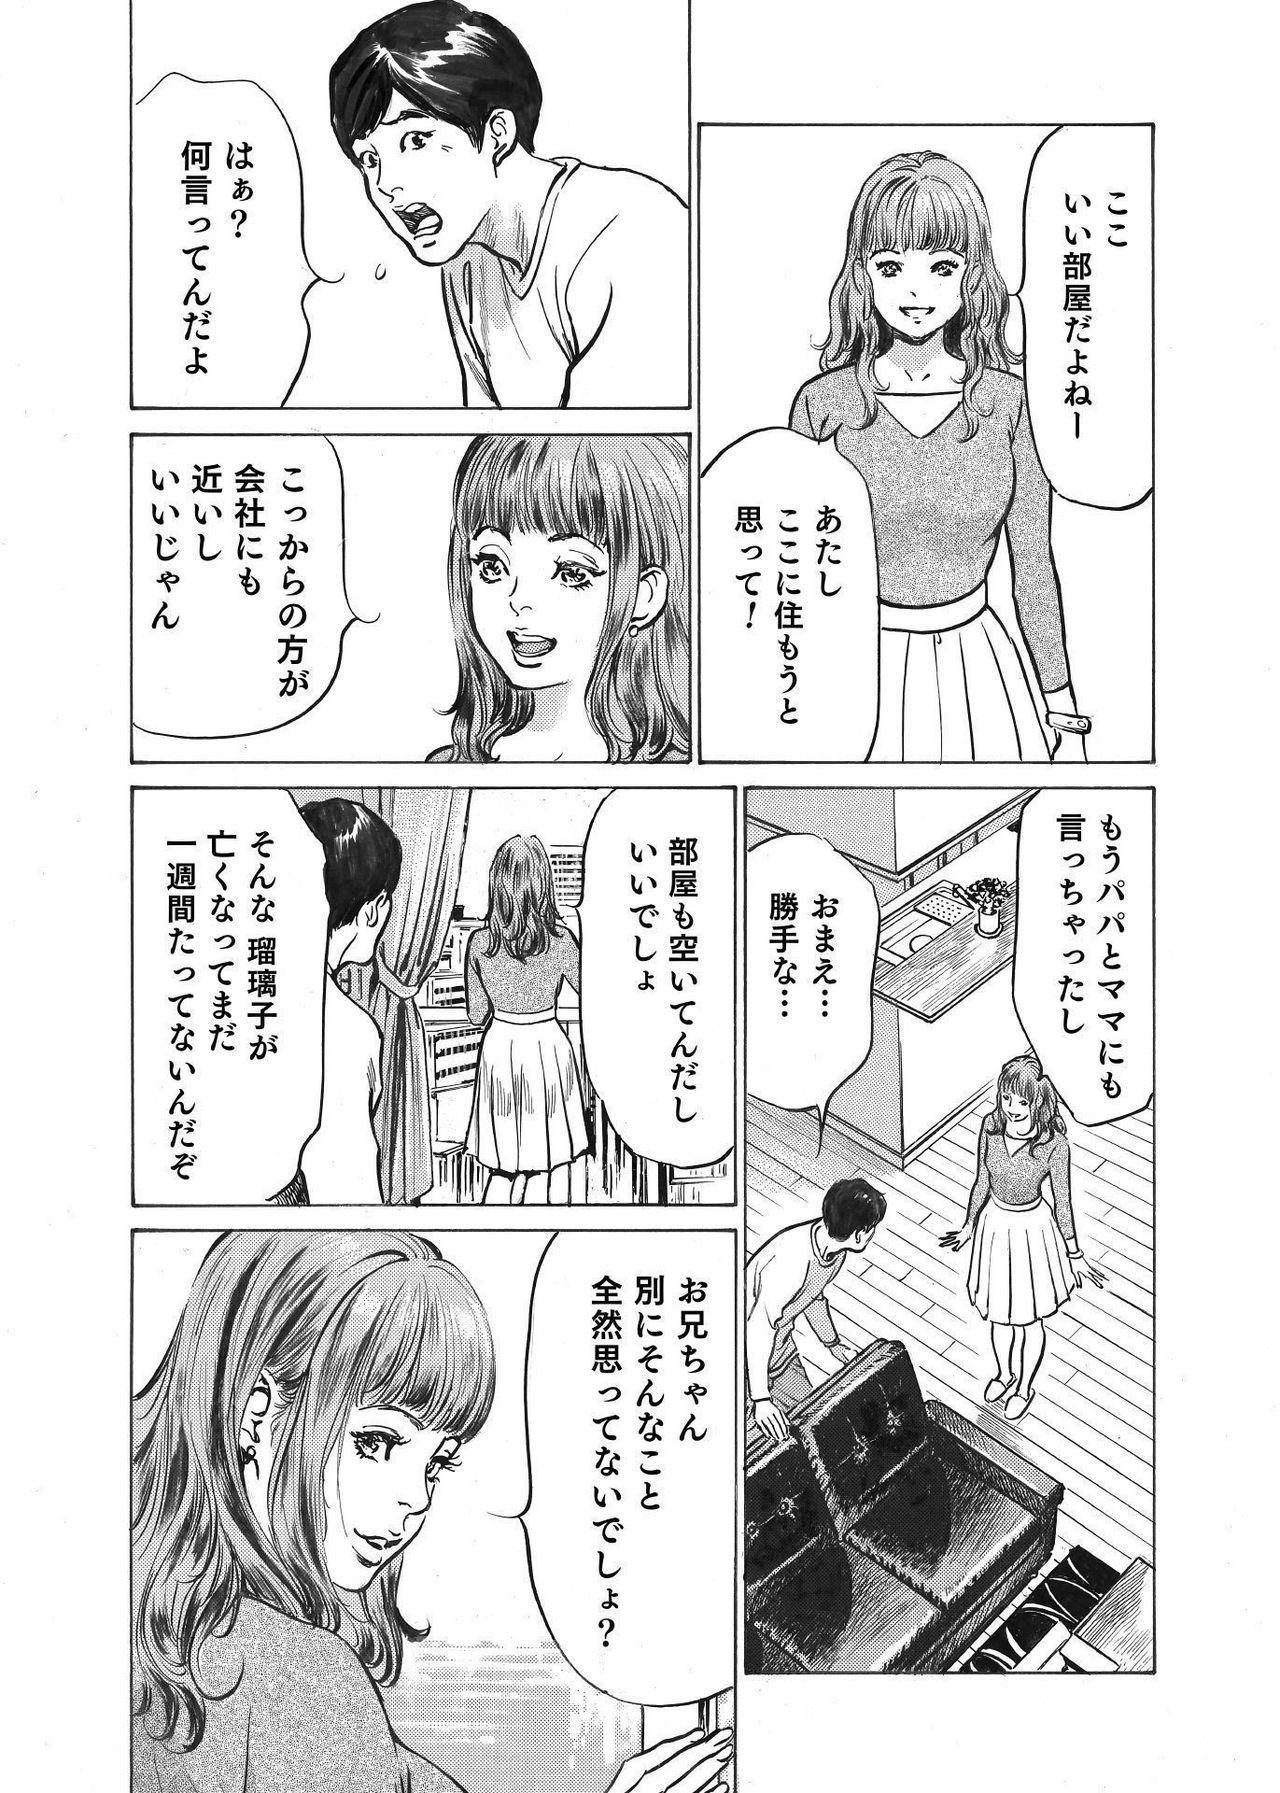 Ore wa Tsuma no Koto o Yoku Shiranai 1-9 12